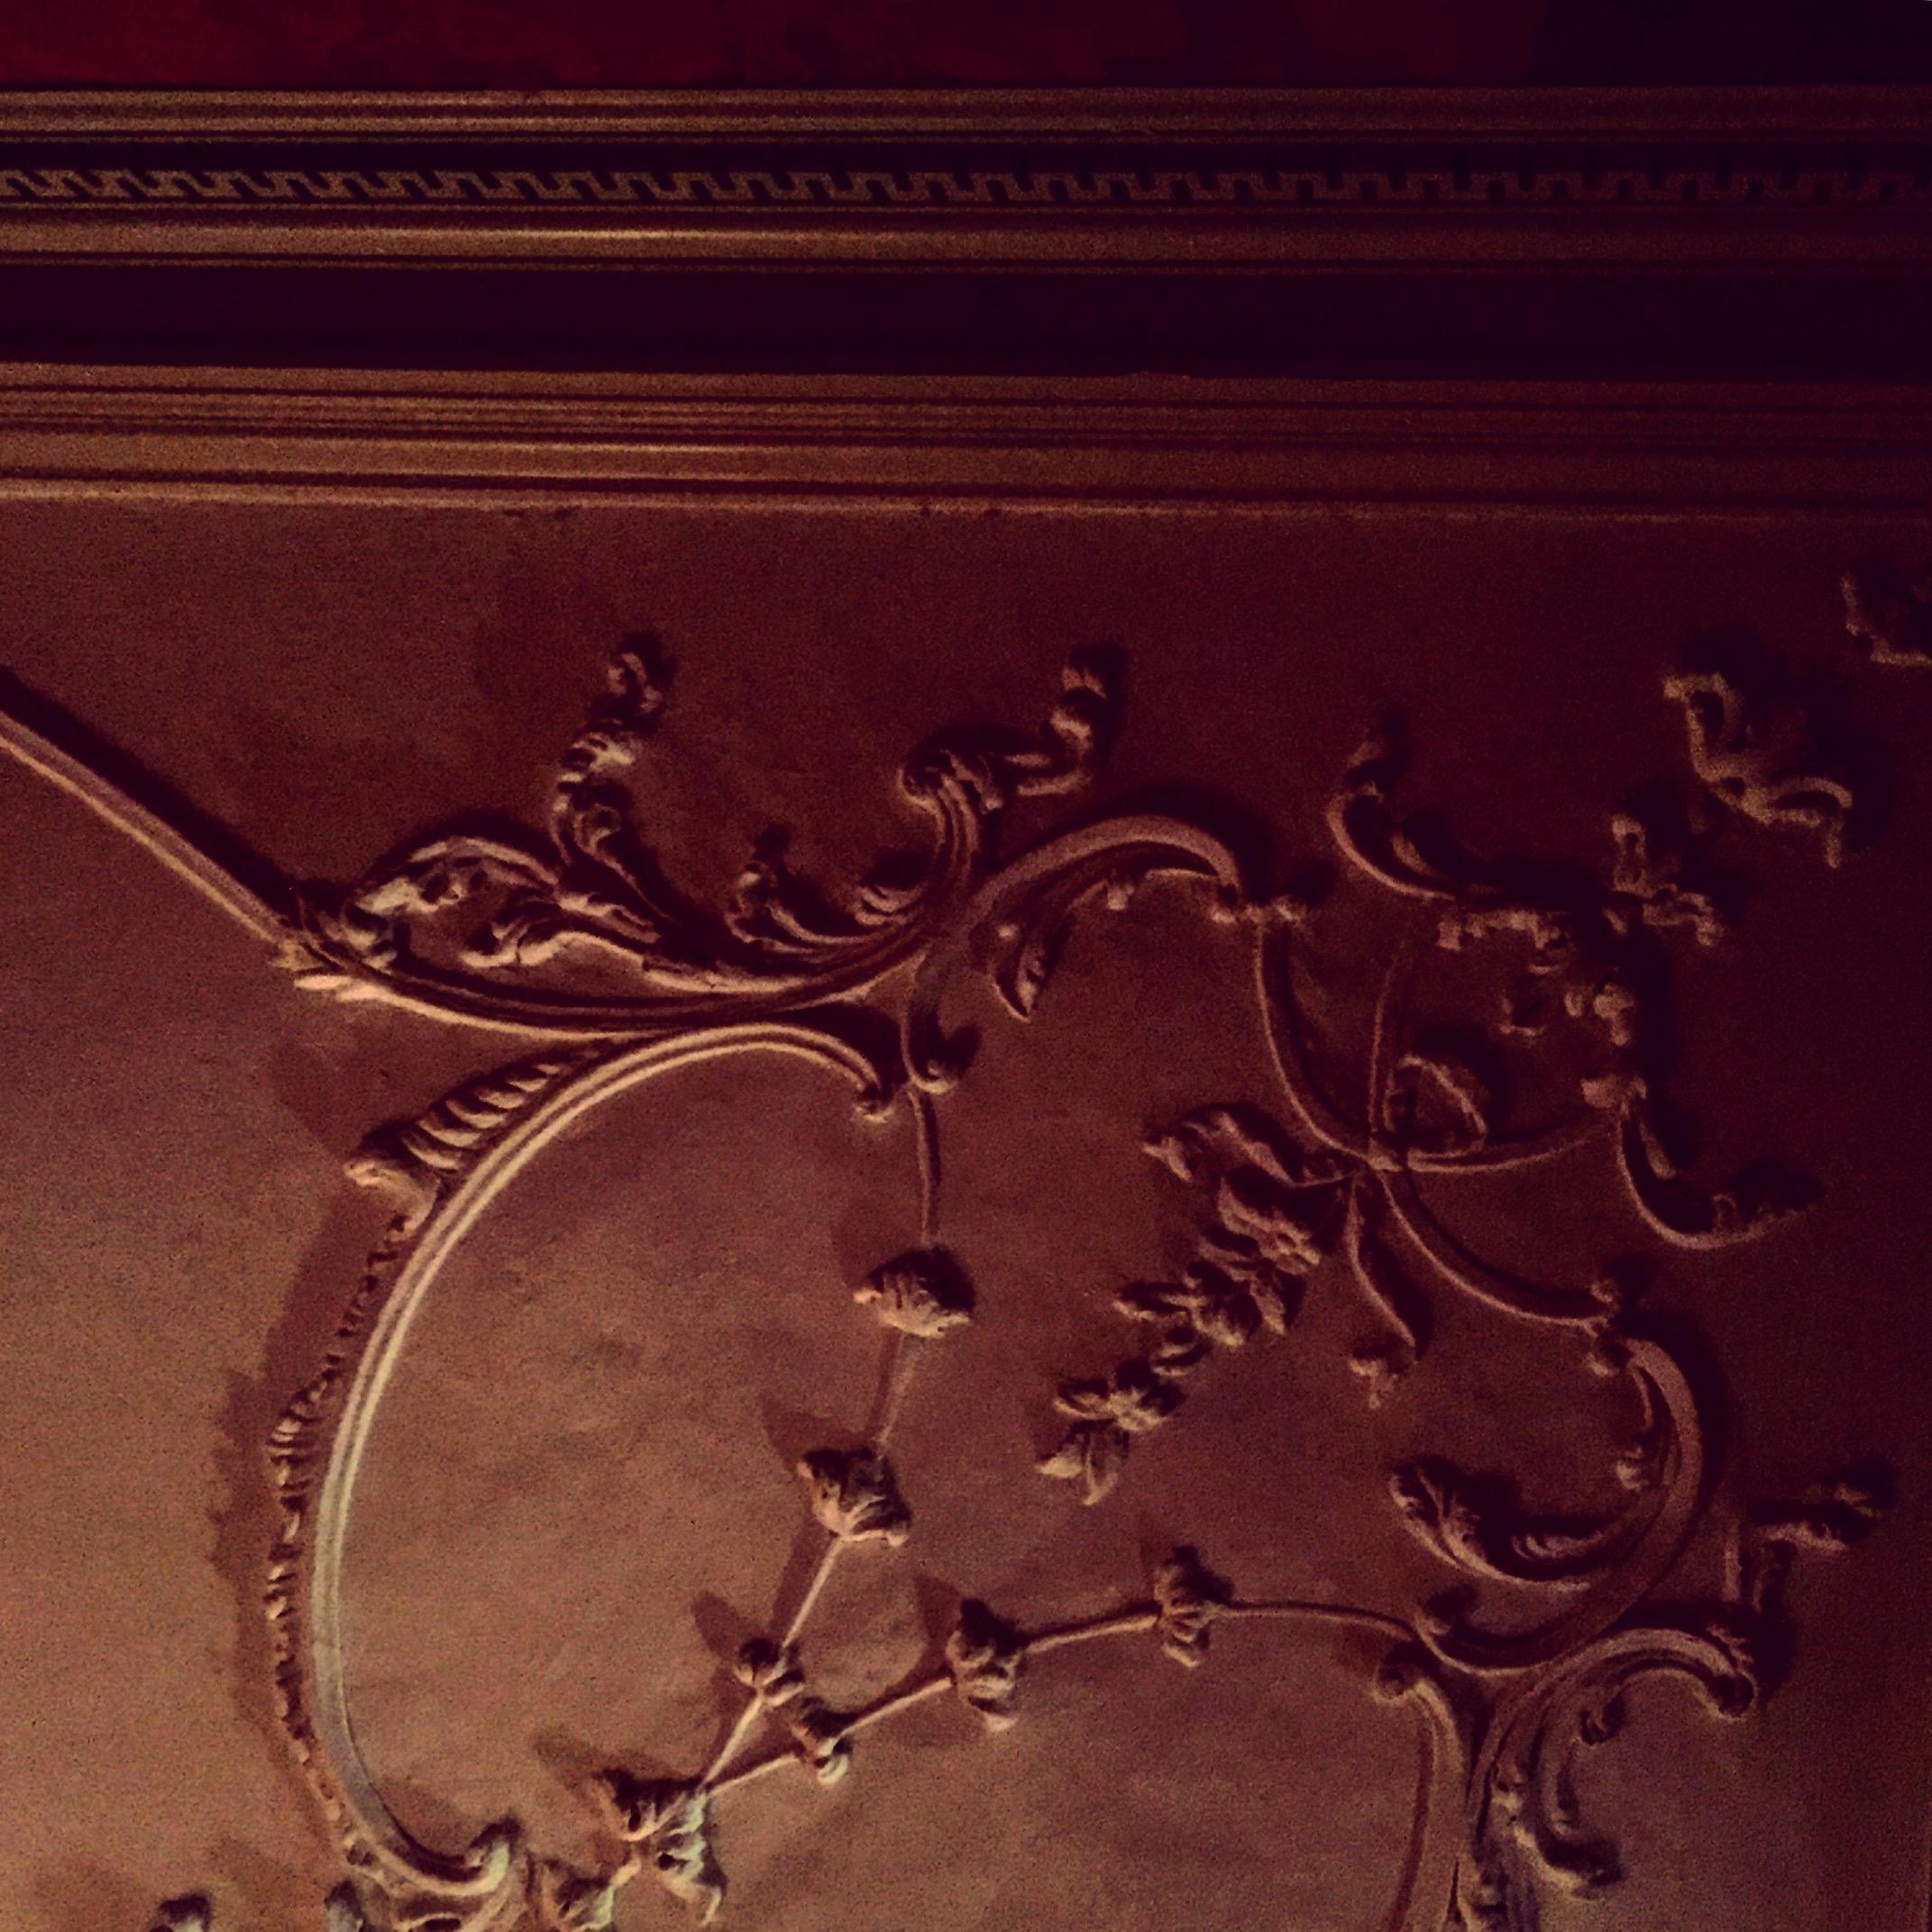 #ceilingsofthemet